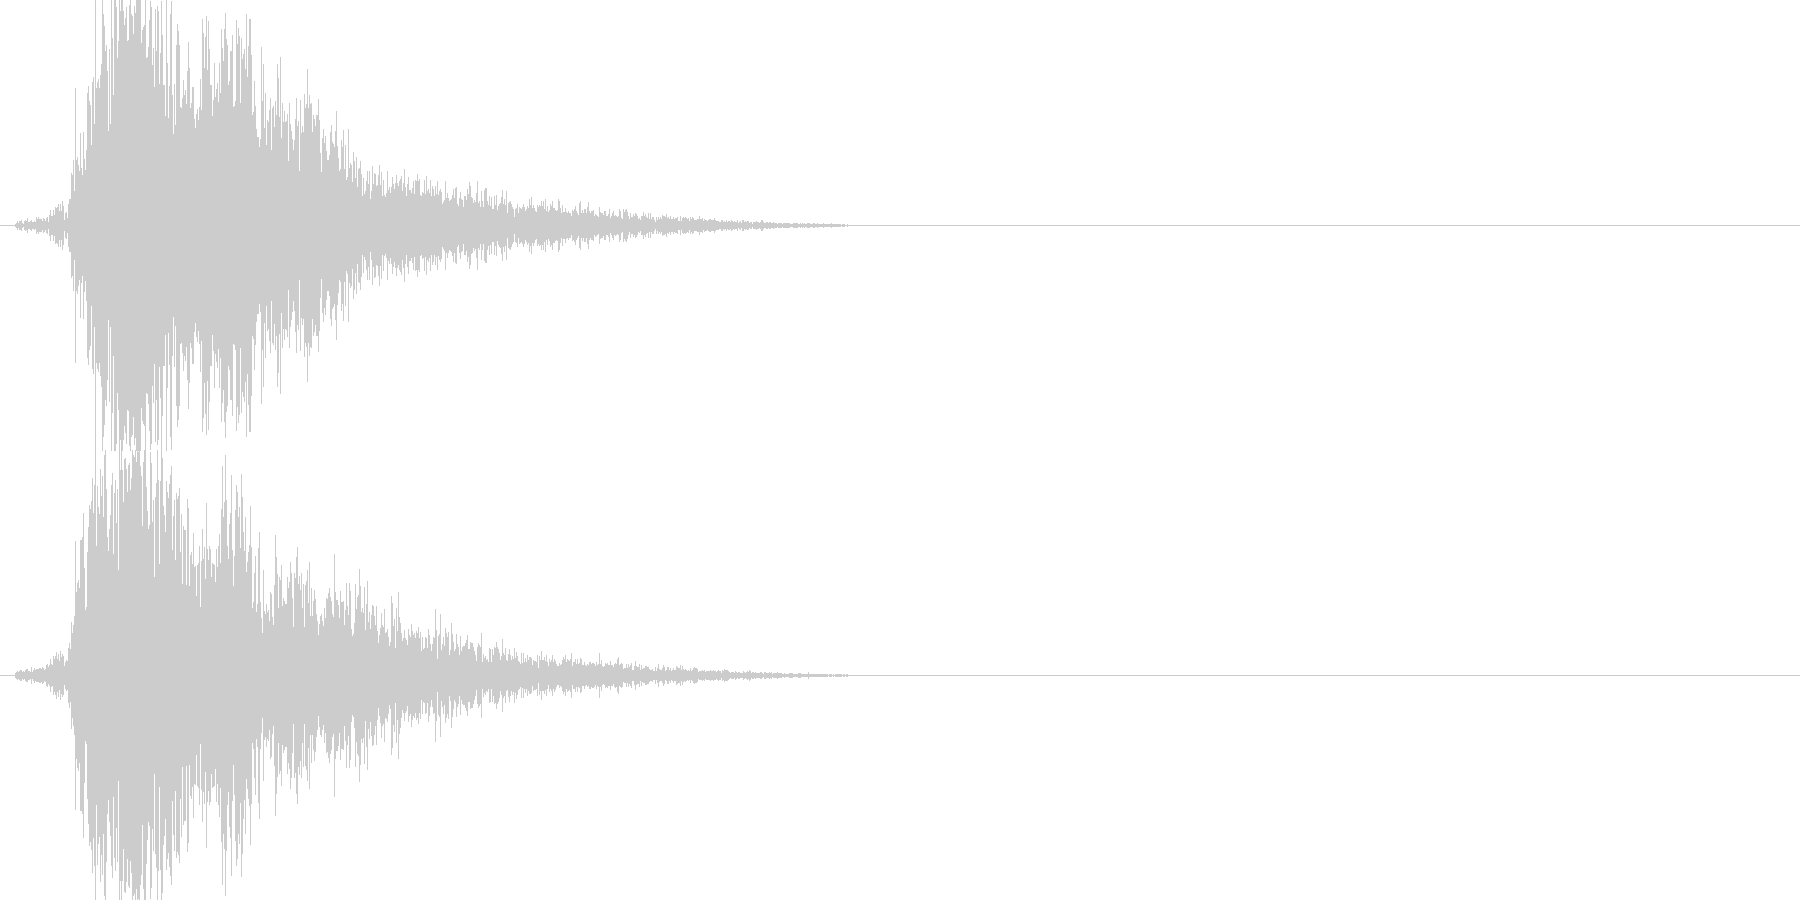 刀の素振り(ピュッと鋭い音)の未再生の波形